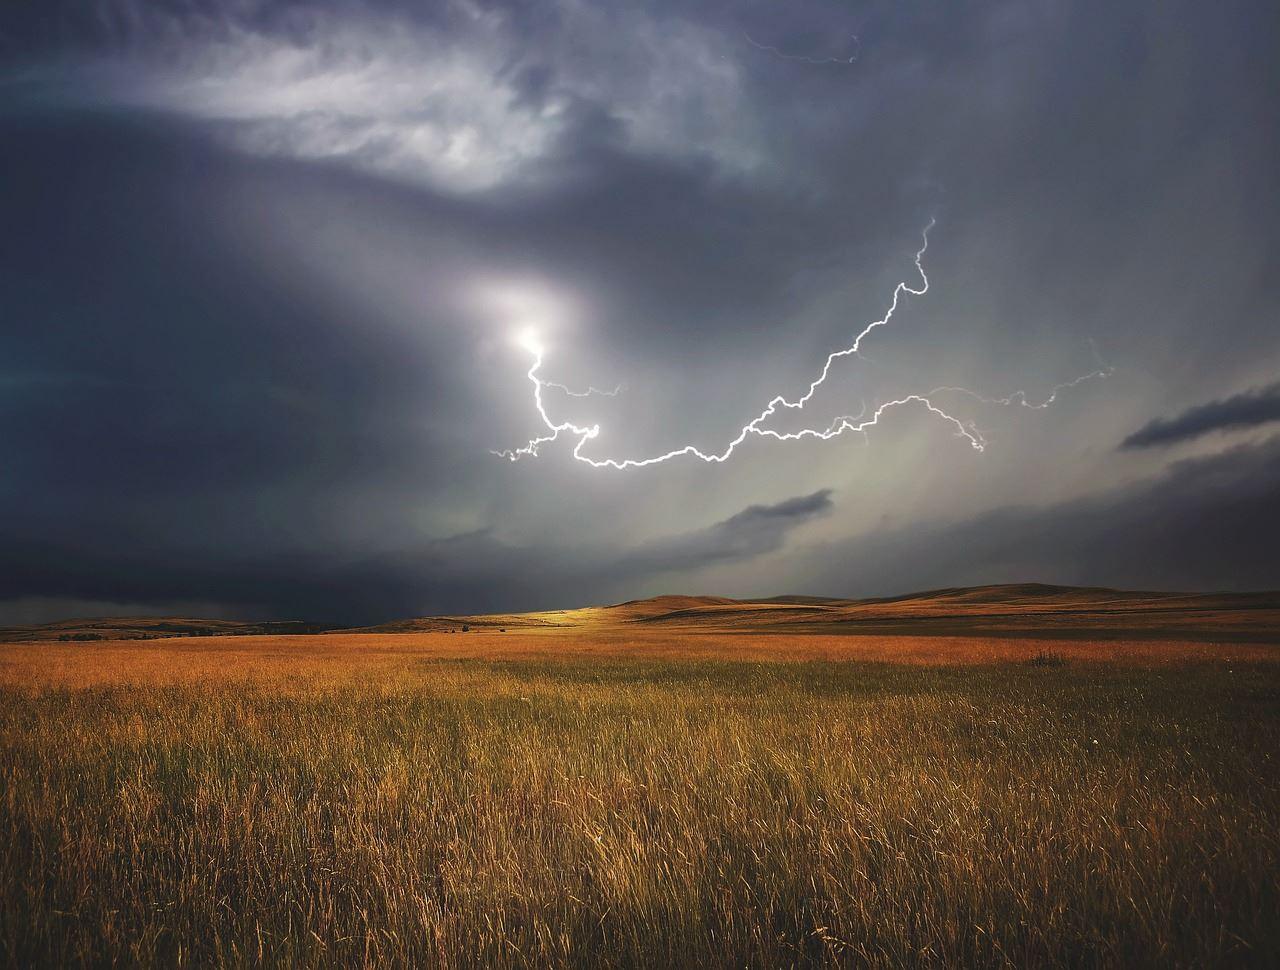 Погода, молния, гроза